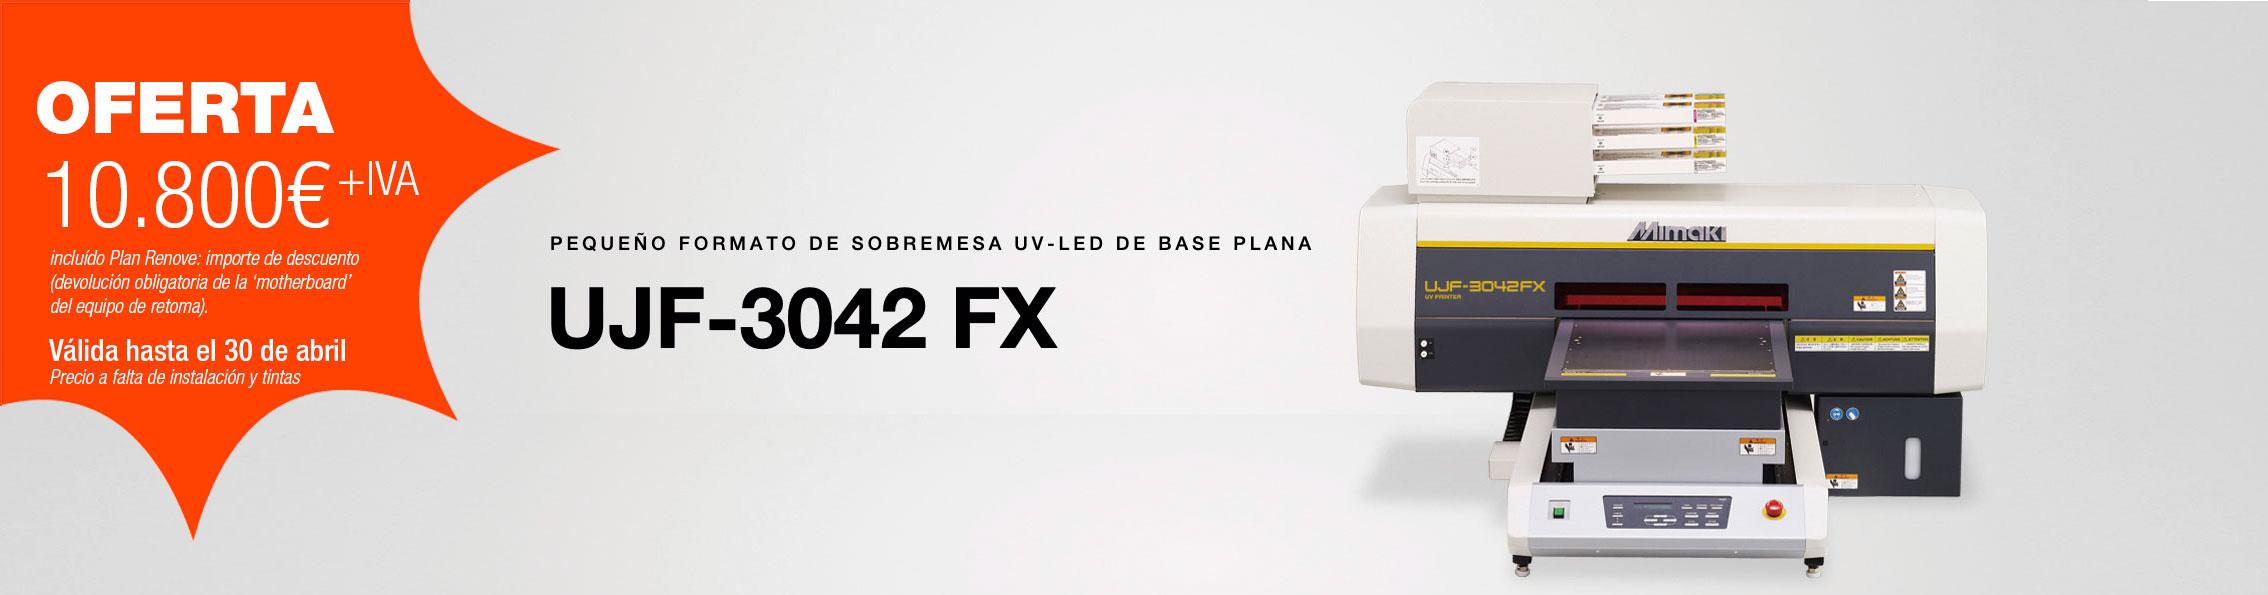 OFERTAS-UJF3042-FX